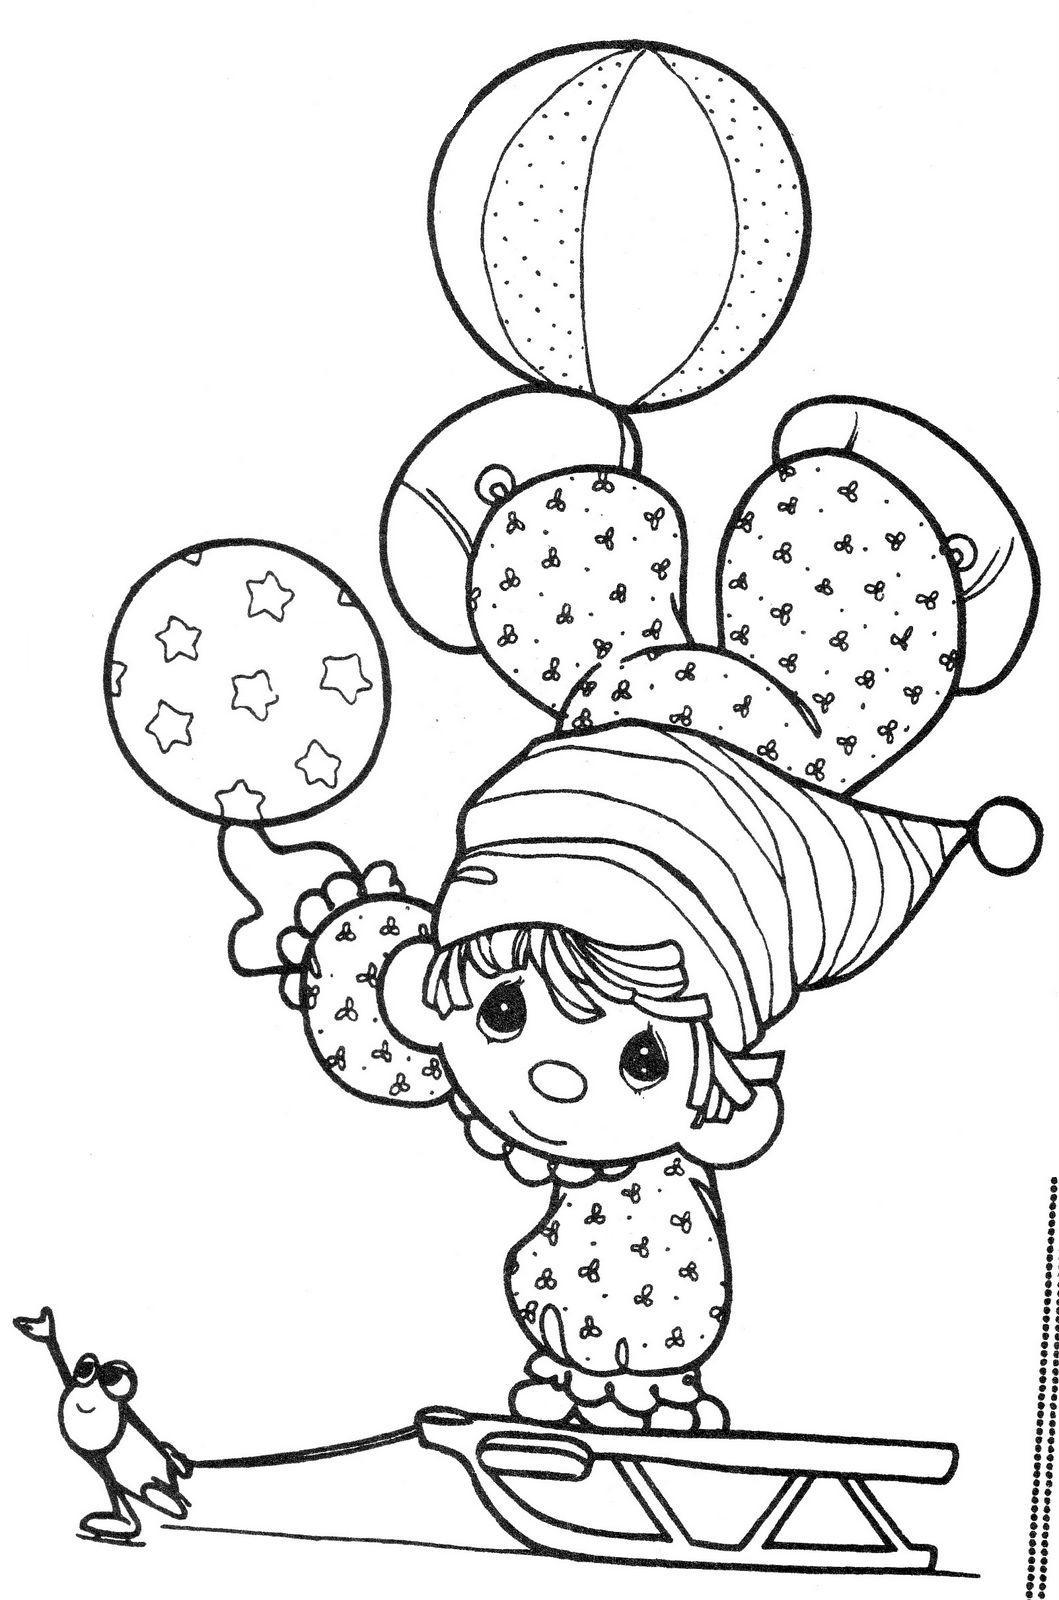 Mi colección de dibujos: ♥ Payasos ♥